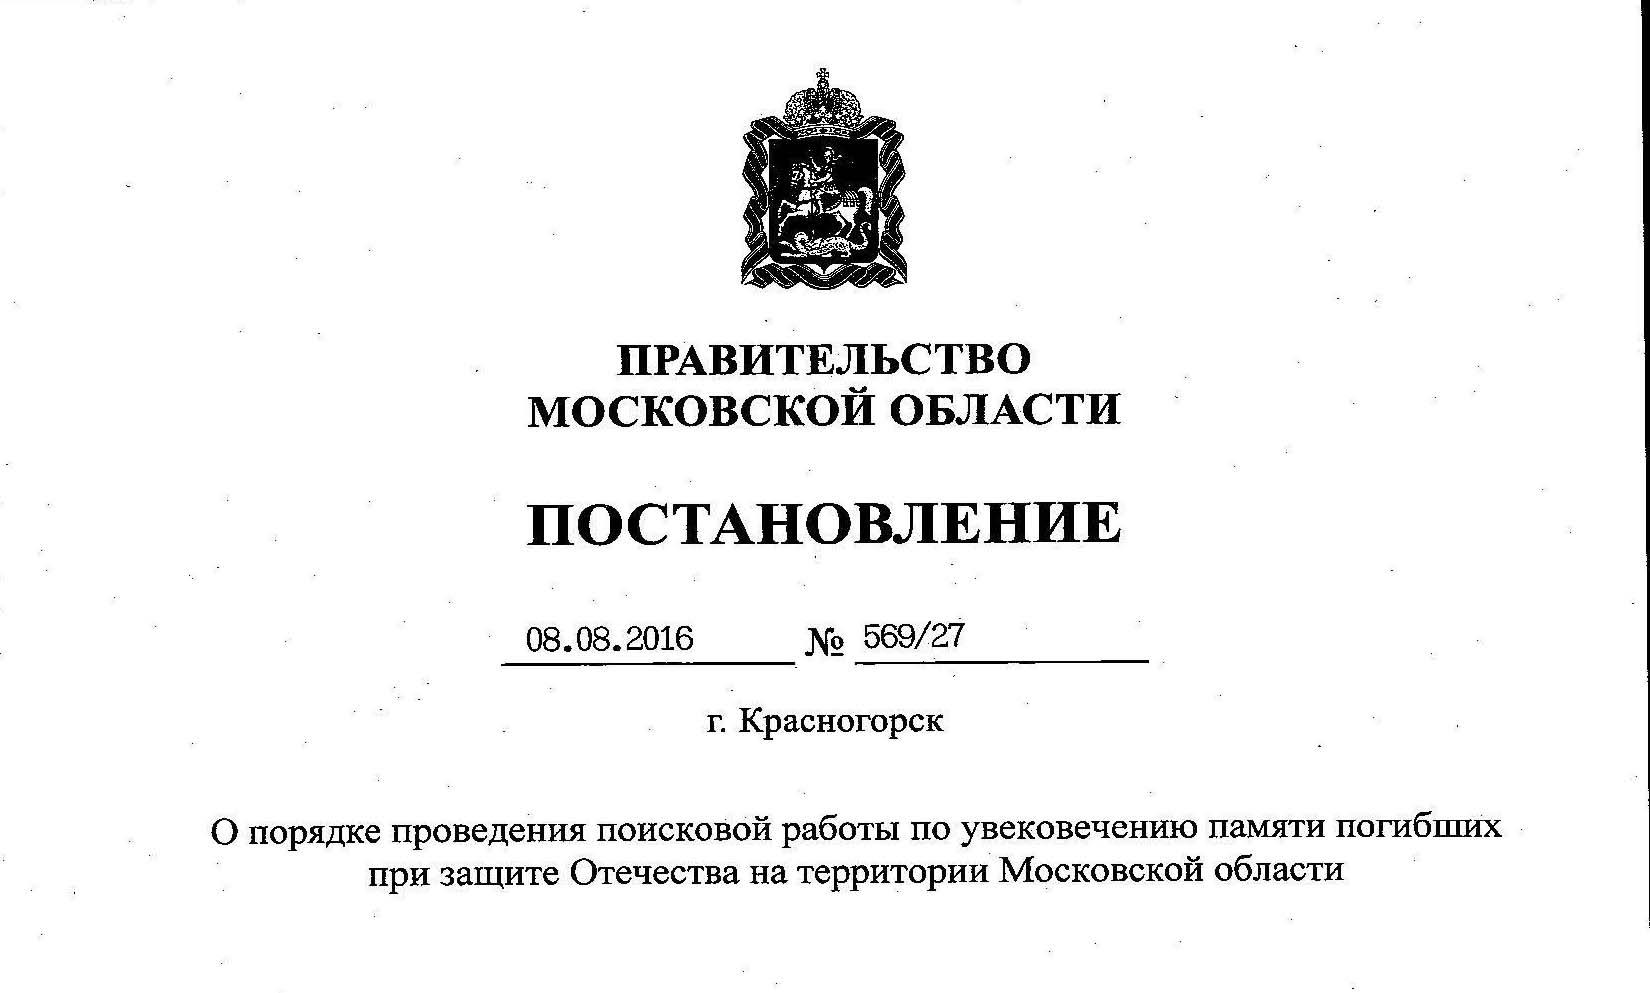 08.08.2016 Постановление о порядке проведения поисковых работ в МО.